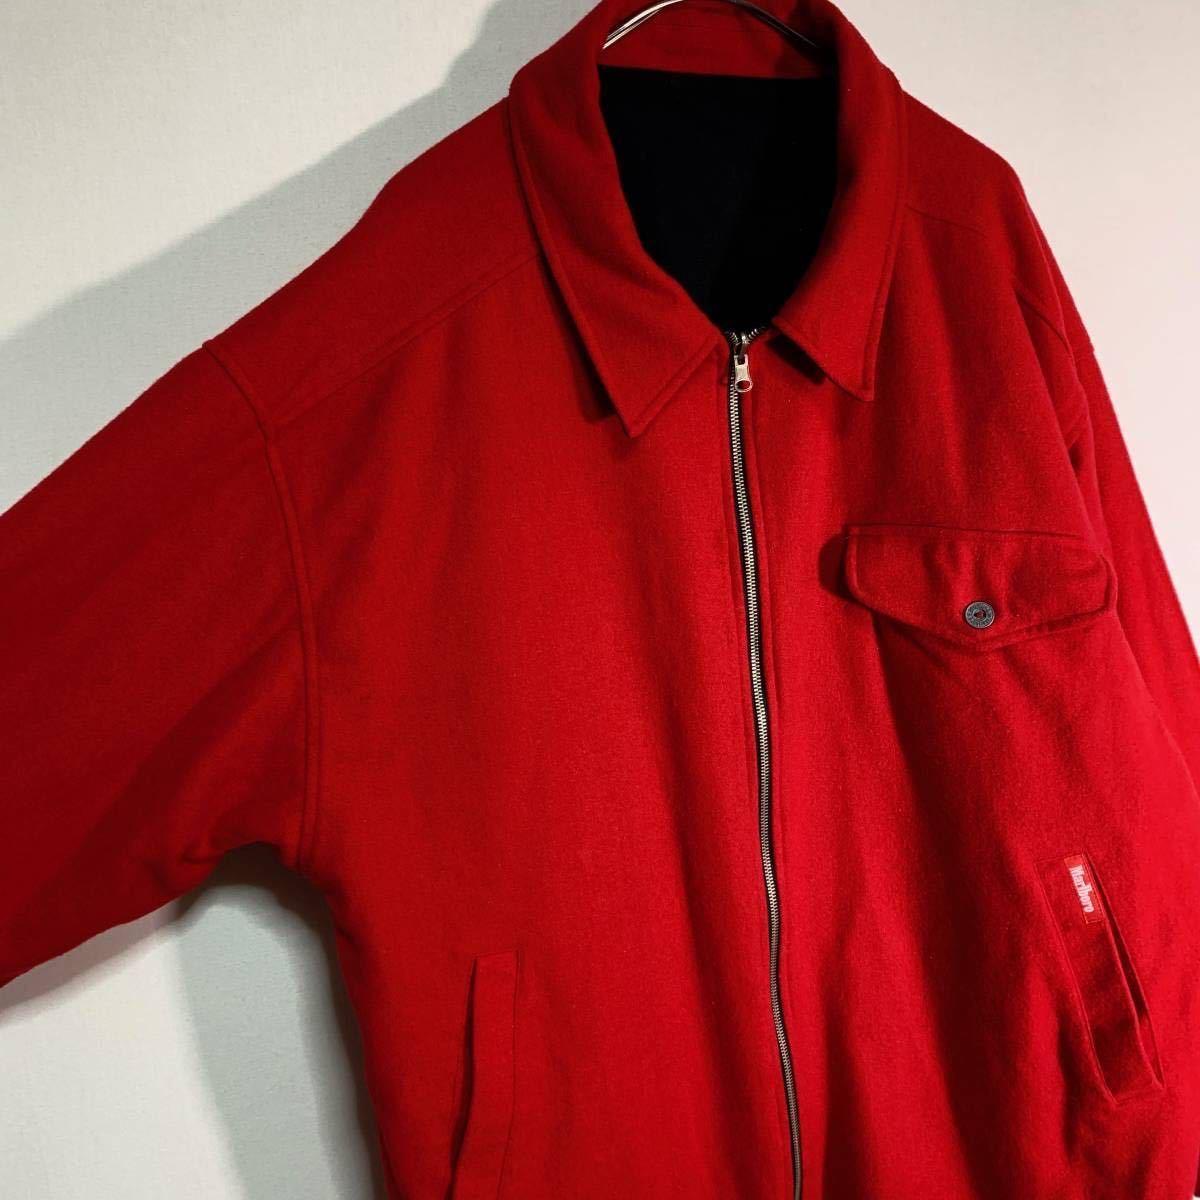 【送料込】90s Marlboro リバーシブル ウール ジャケット XL 黒×赤 ビッグシルエット ジップ マルボロ 80s ビンテージ 古着 オールド_画像6